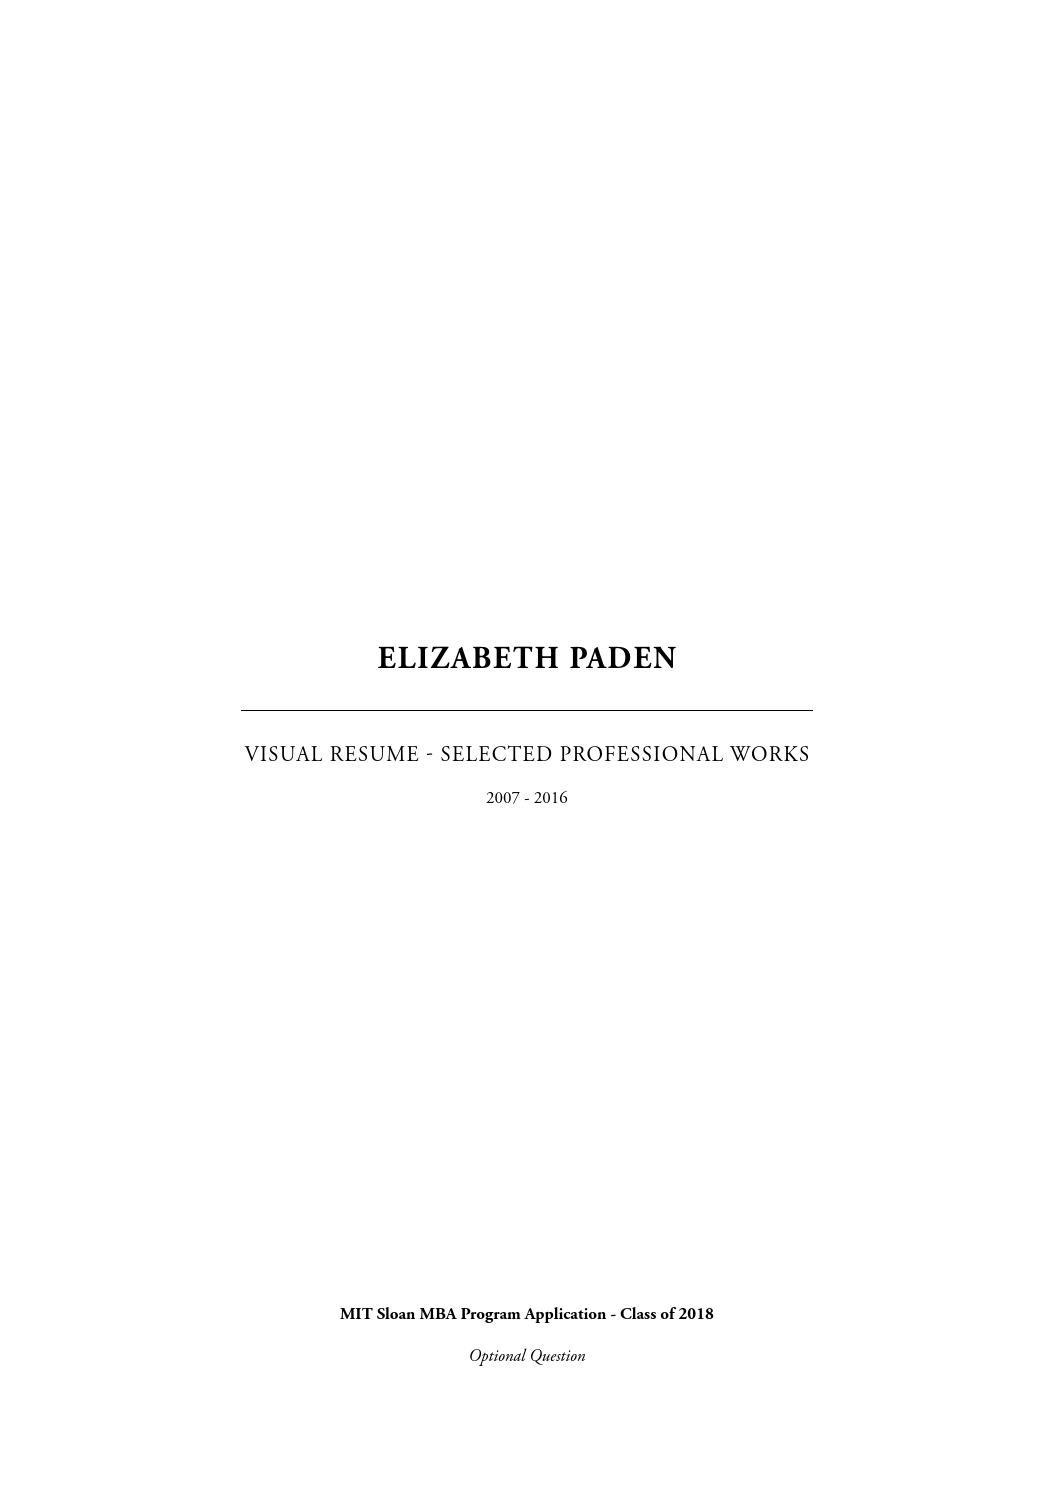 elizabeth paden - visual resume by elizabeth paden